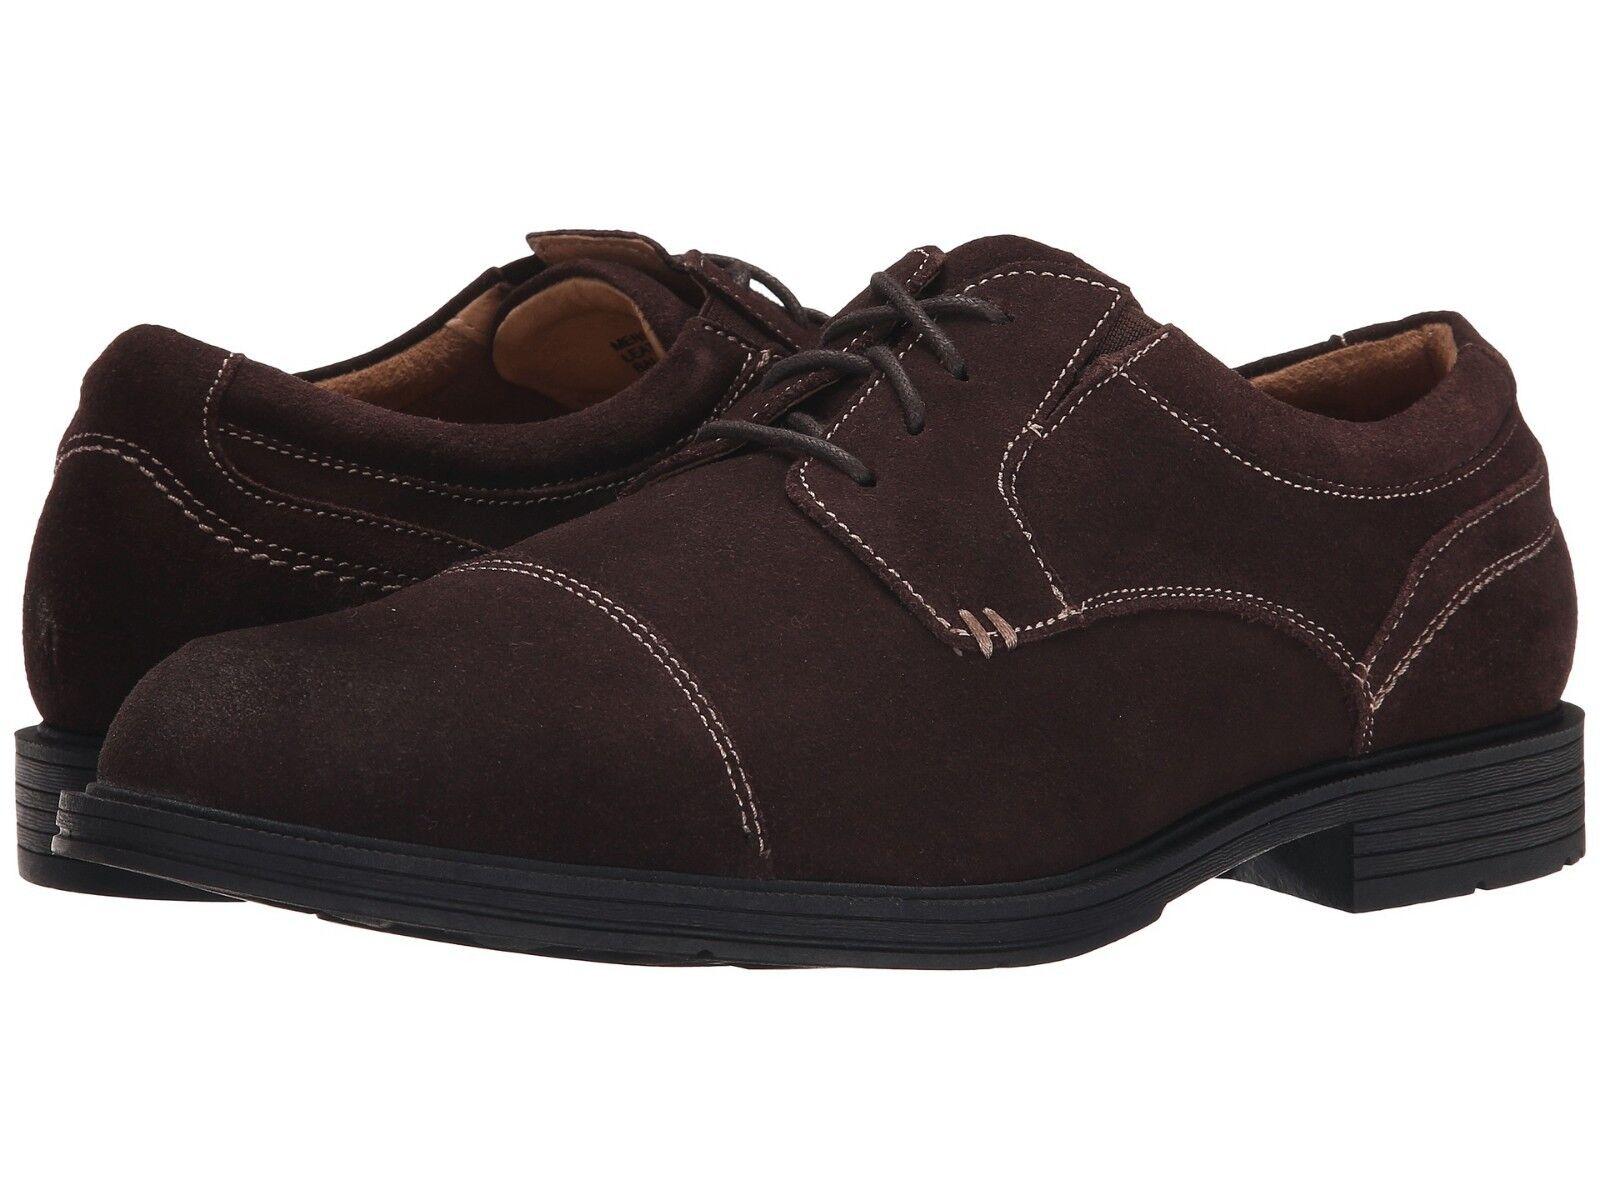 New Florsheim Mogul Cap Toe Oxford Suede Men Shoes Size 8.5